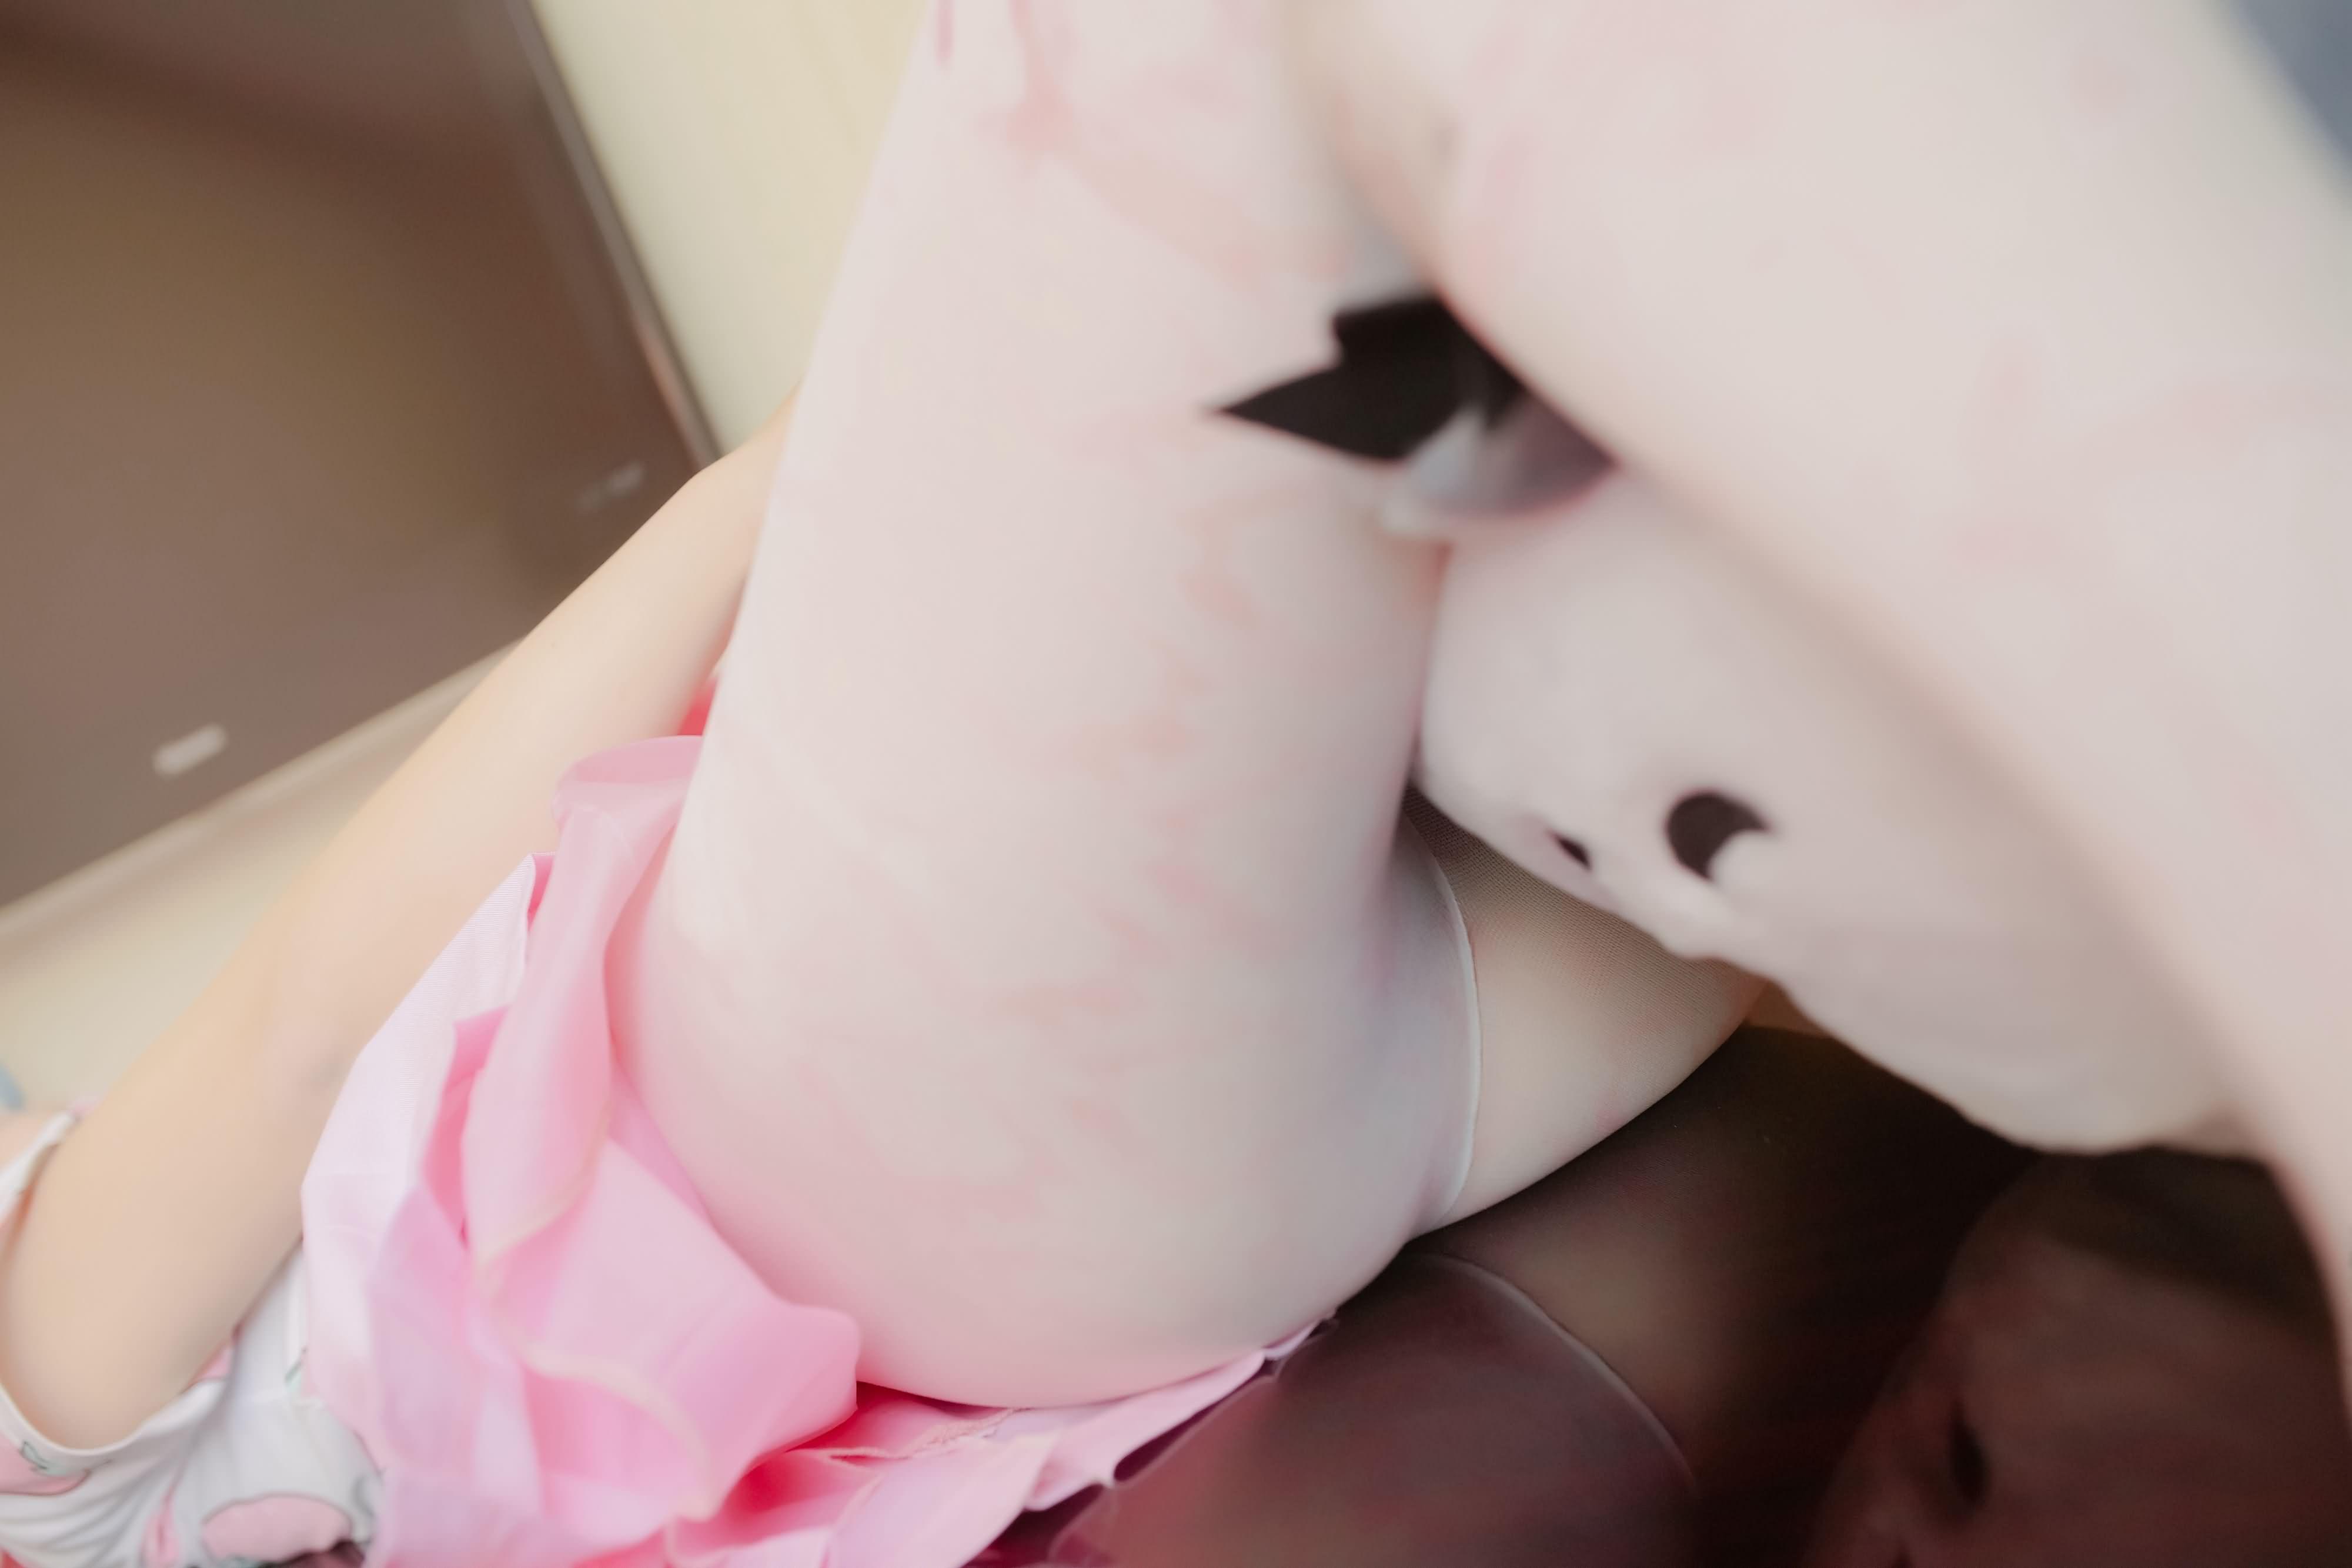 naWsEx - 【The Girl Theater】 少女映画 Cosplay 龙猫与少女 90P